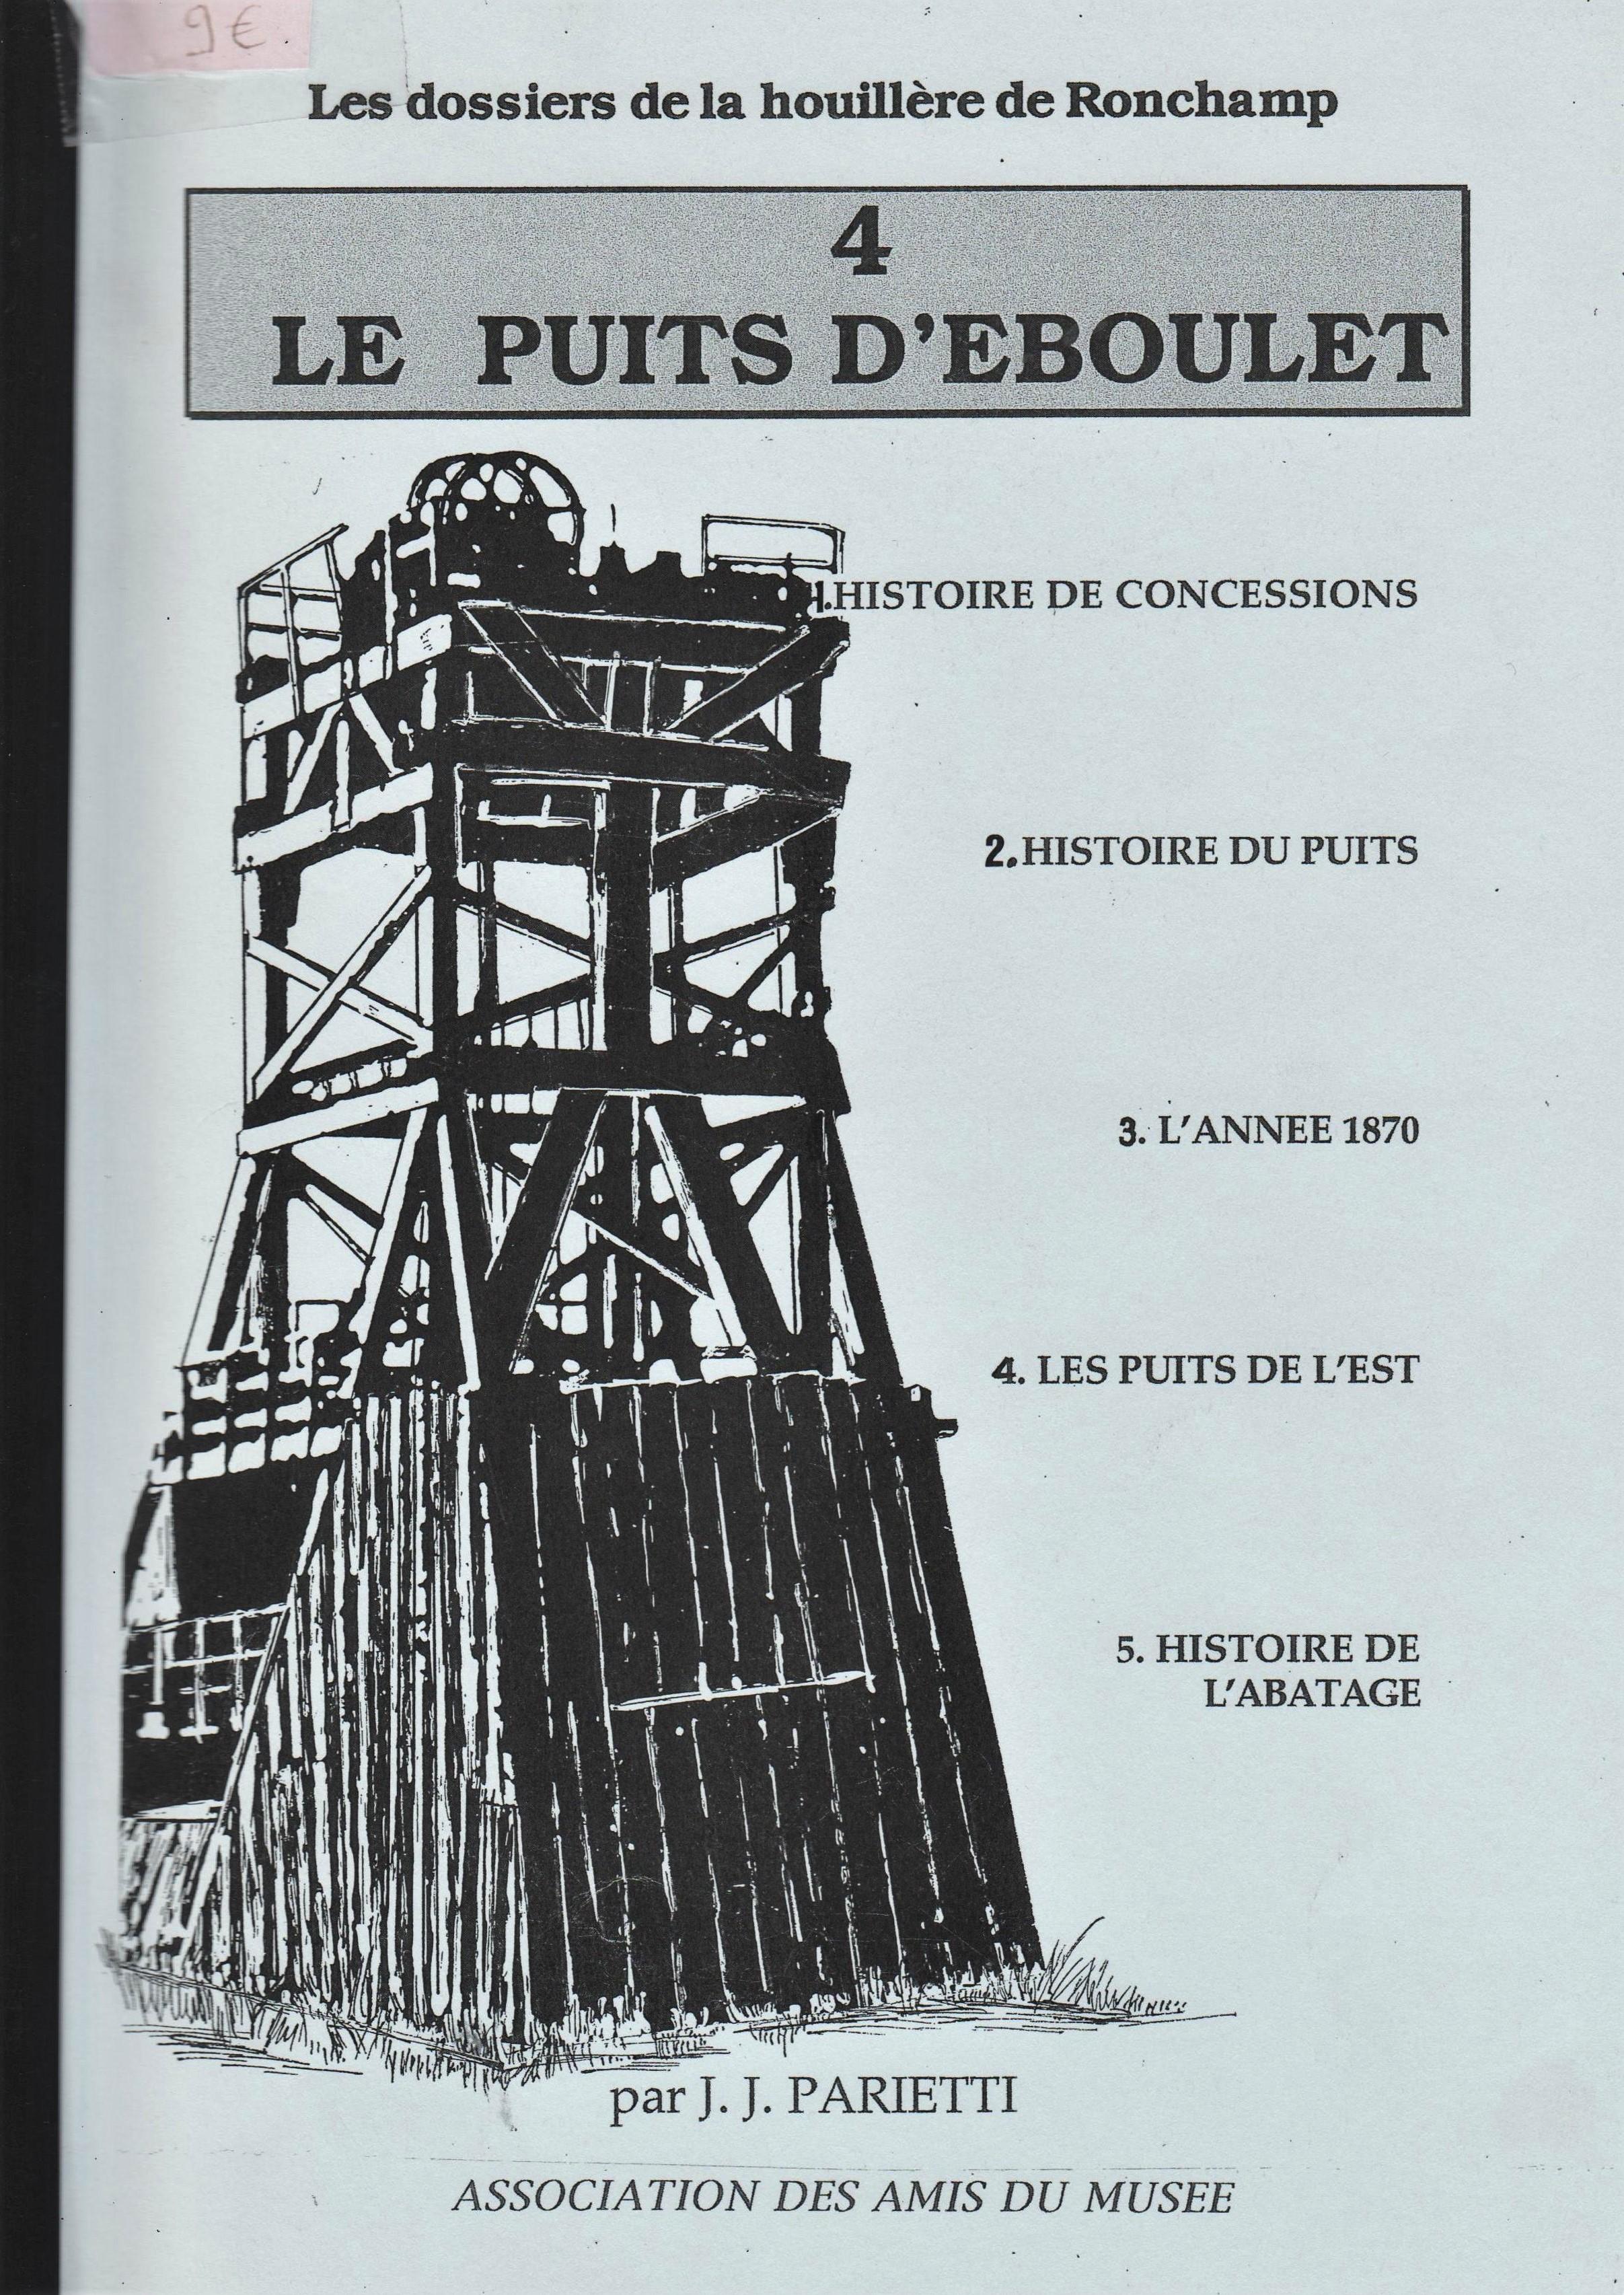 Le puits d'Eboulet